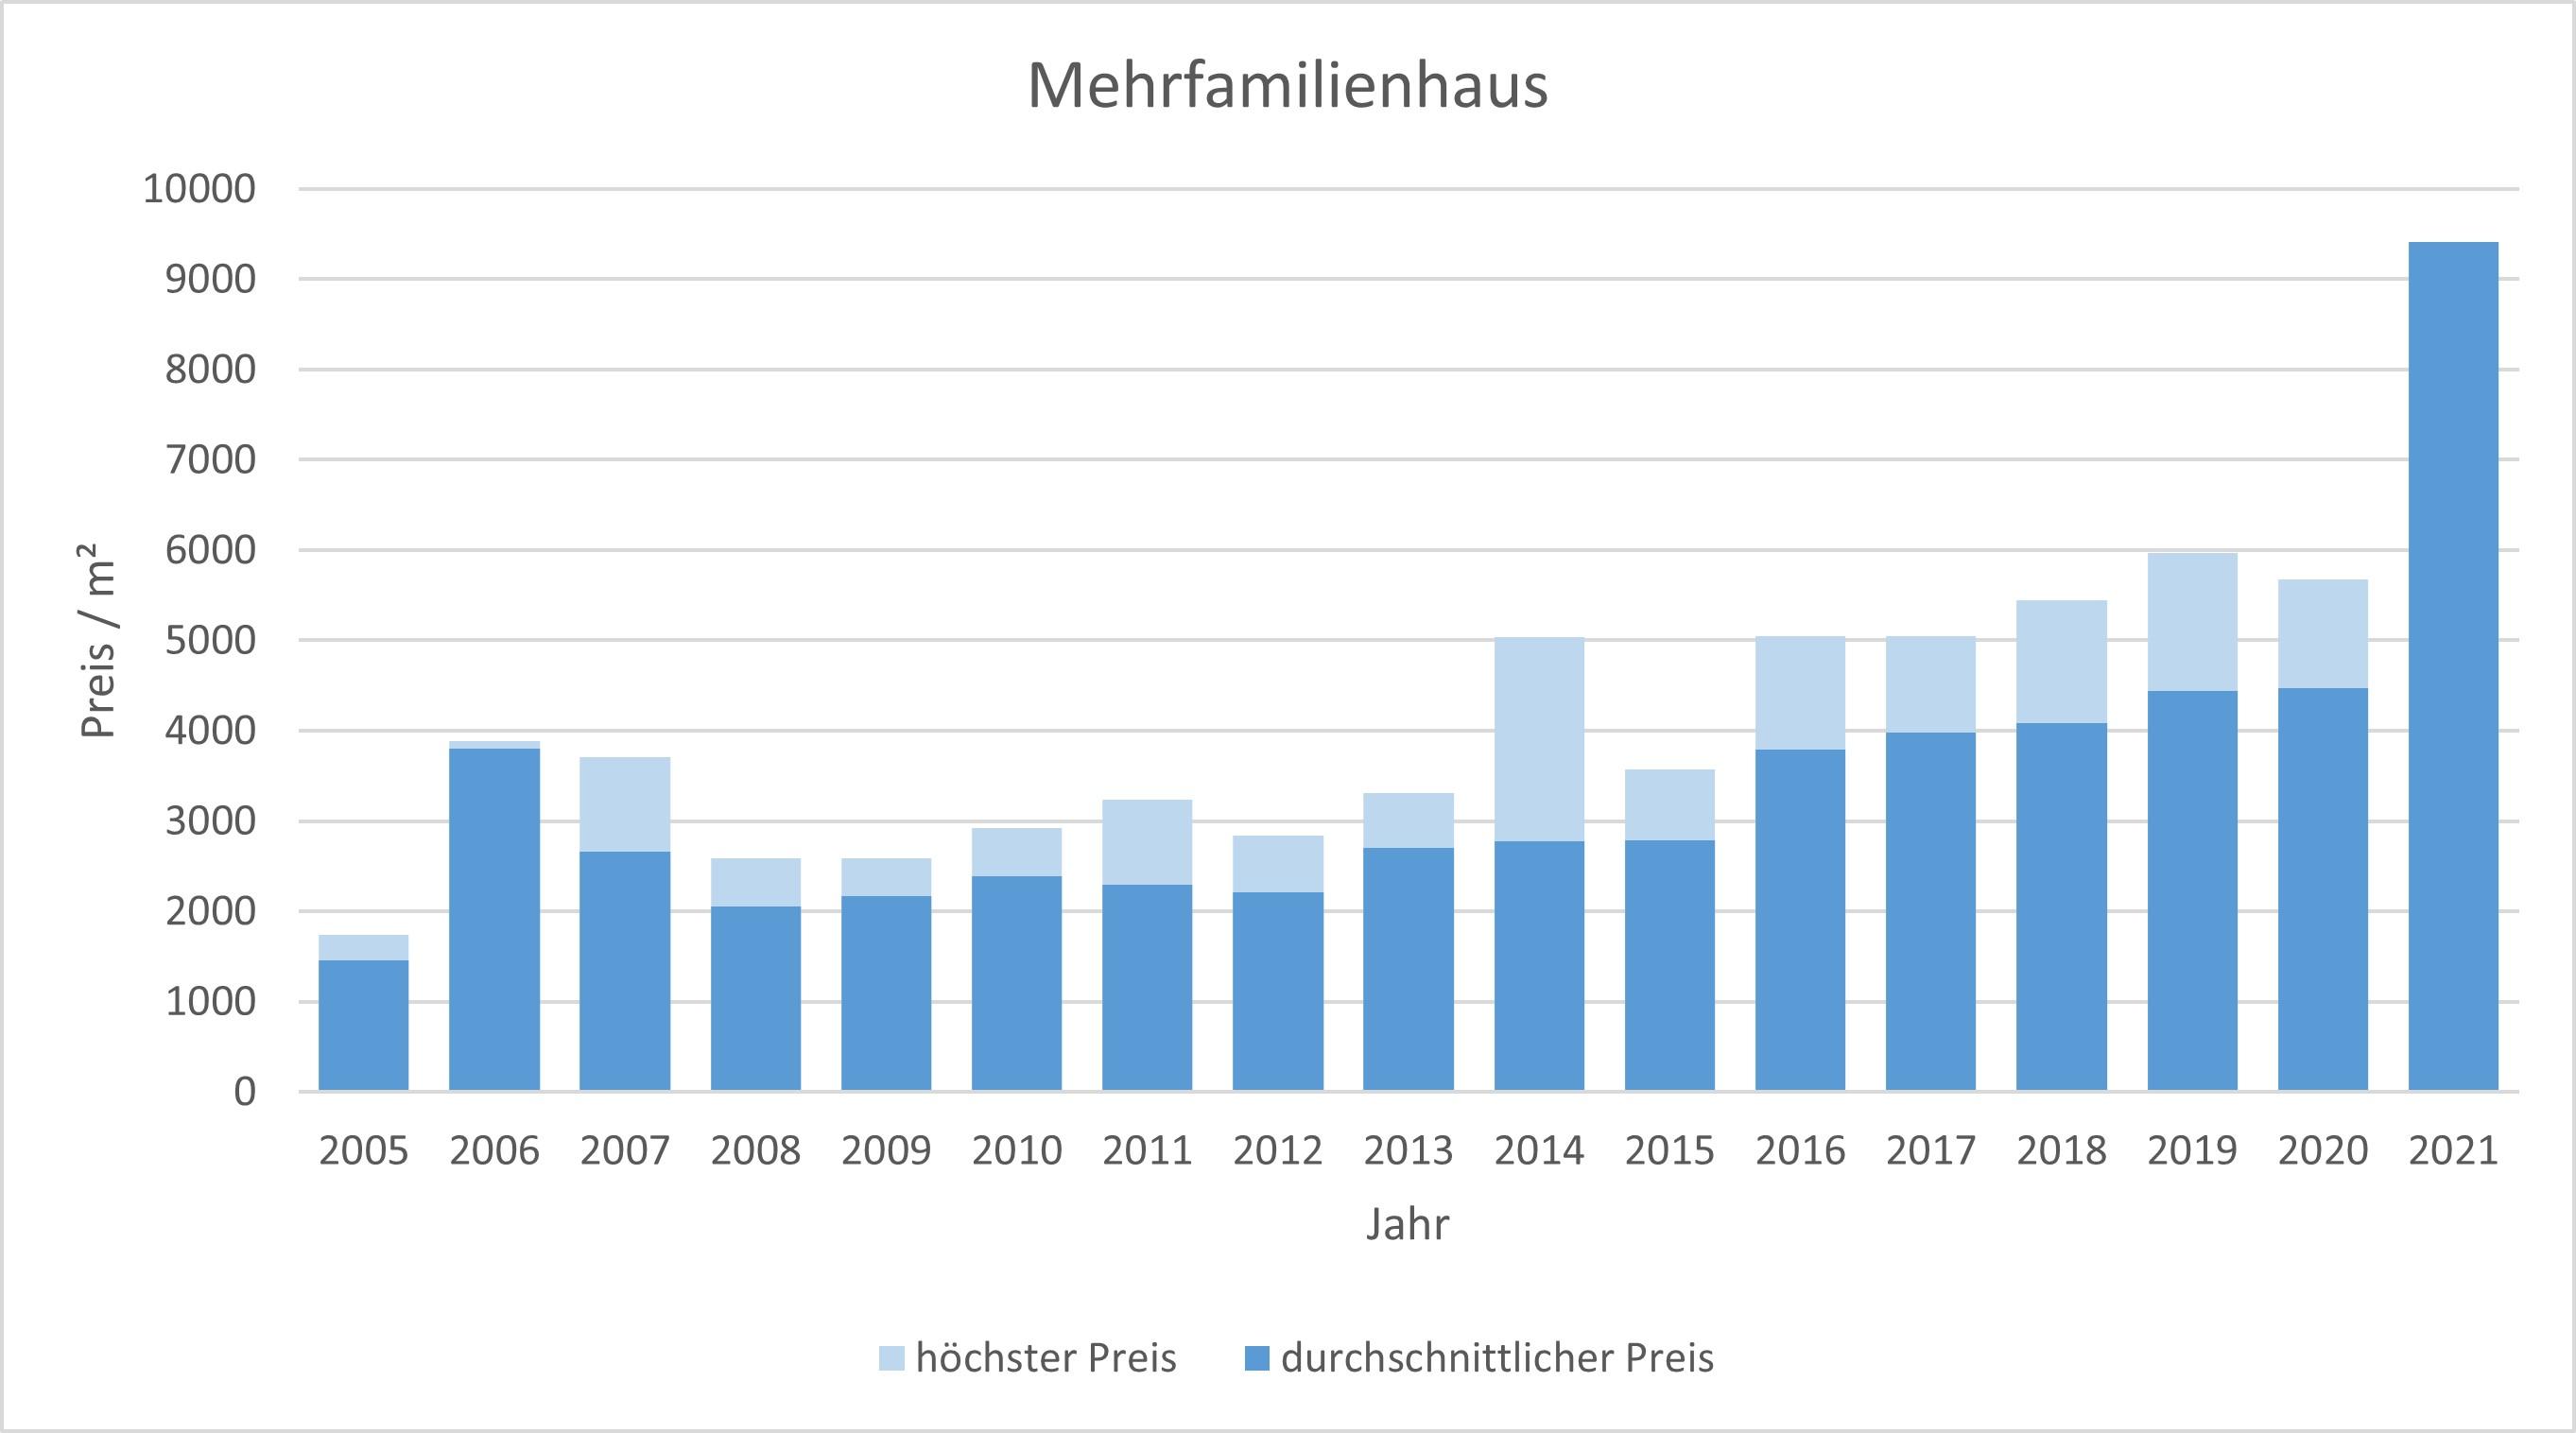 Kirchseeon Mehrfamilienhaus kaufen verkaufen Preis Bewertung Makler 2019 2020 2021  www.happy-immo.de